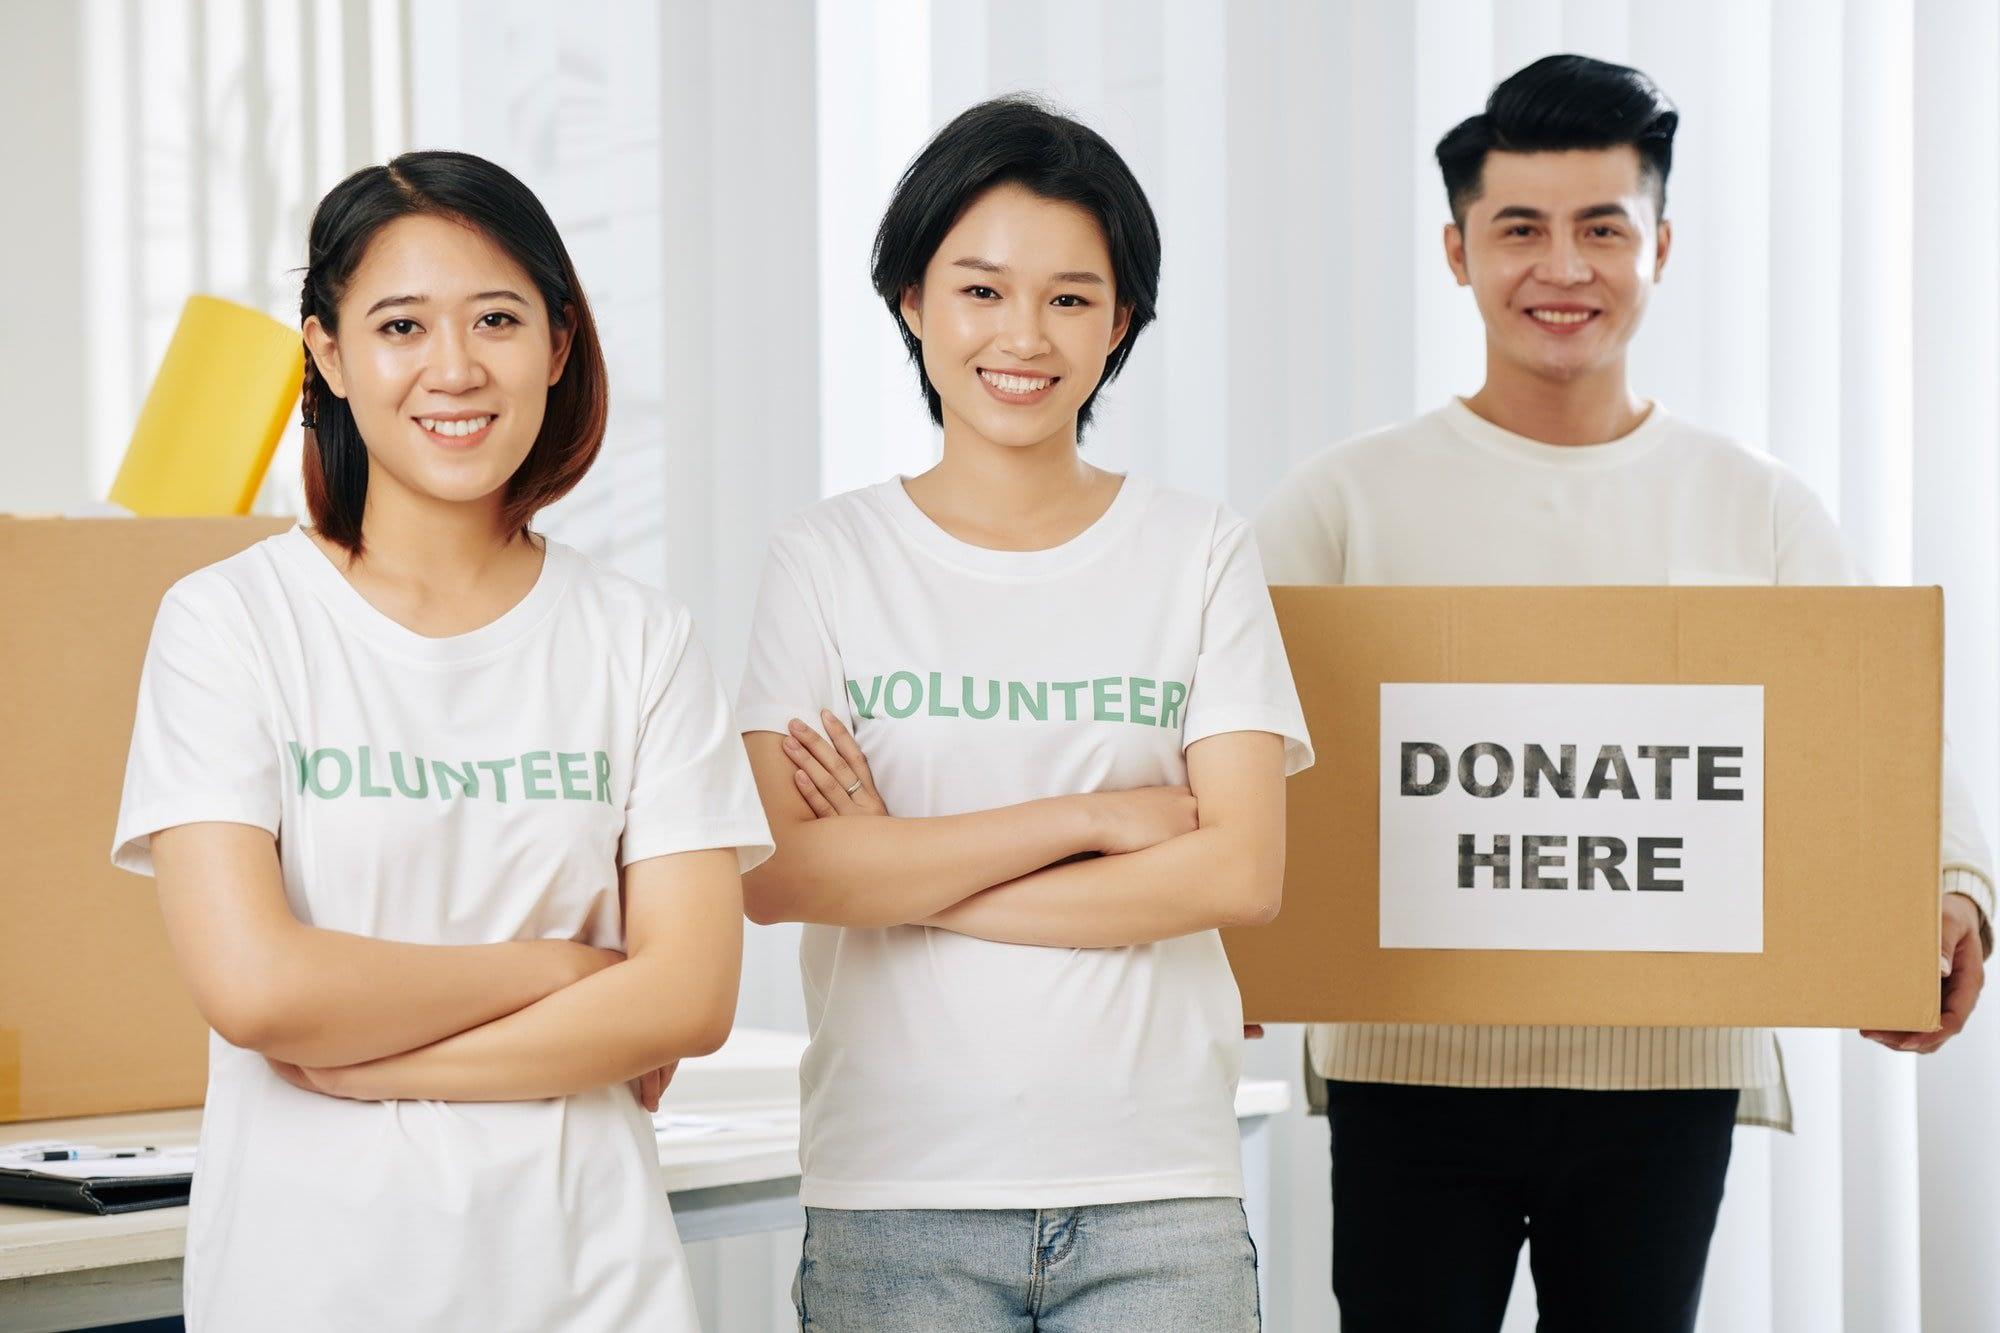 Young happy volunteers